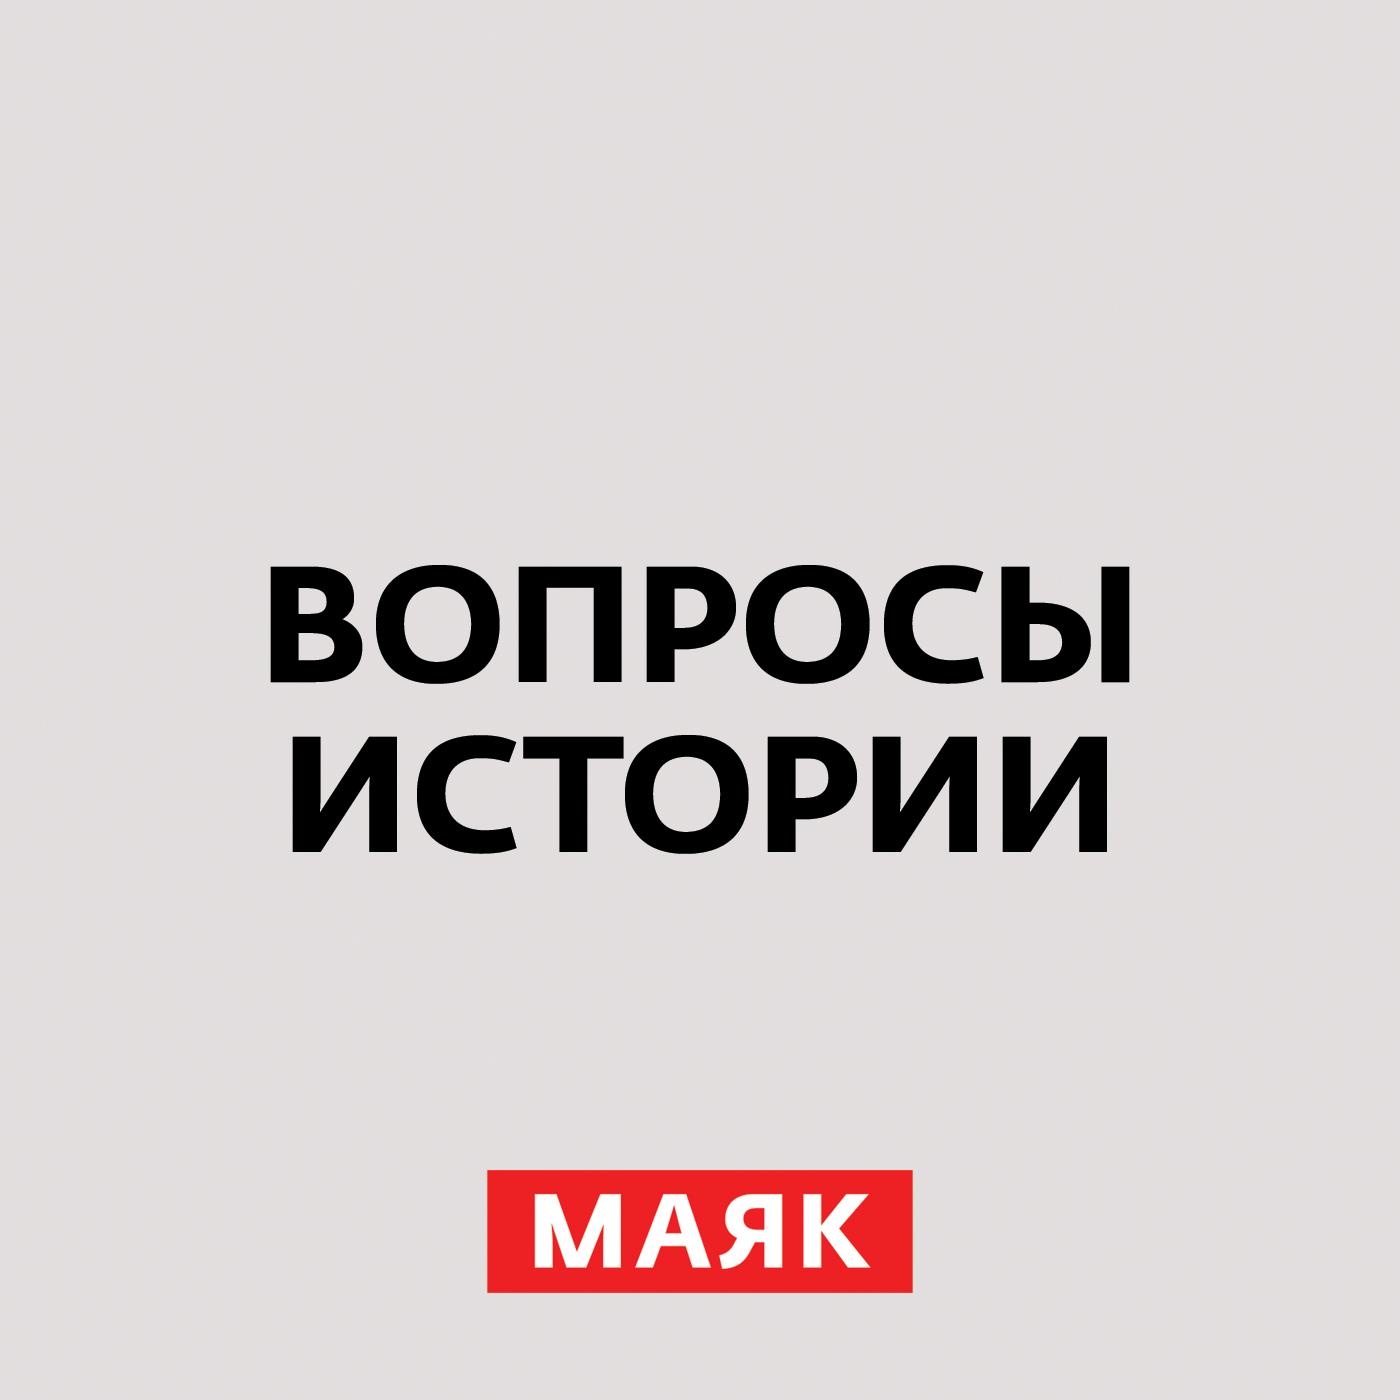 Андрей Светенко Вынос символов СССР с Красной площади не поможет народу примириться. Часть 1 андрей светенко первая наступательная операция красной армии в 41 м часть 1